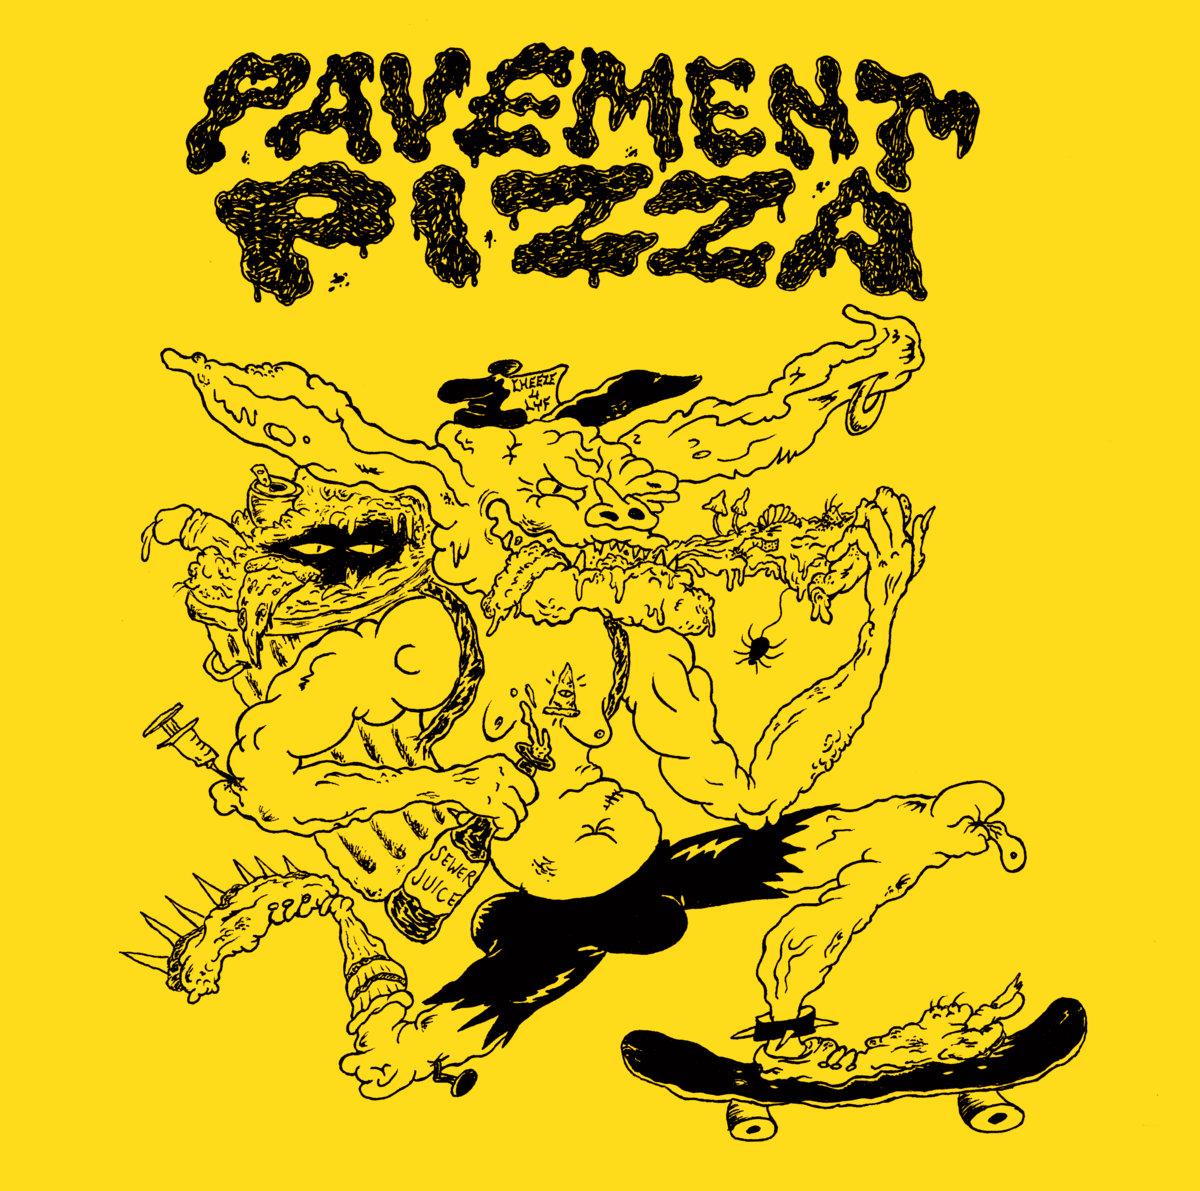 Pavement Pizza - Skuxx CD